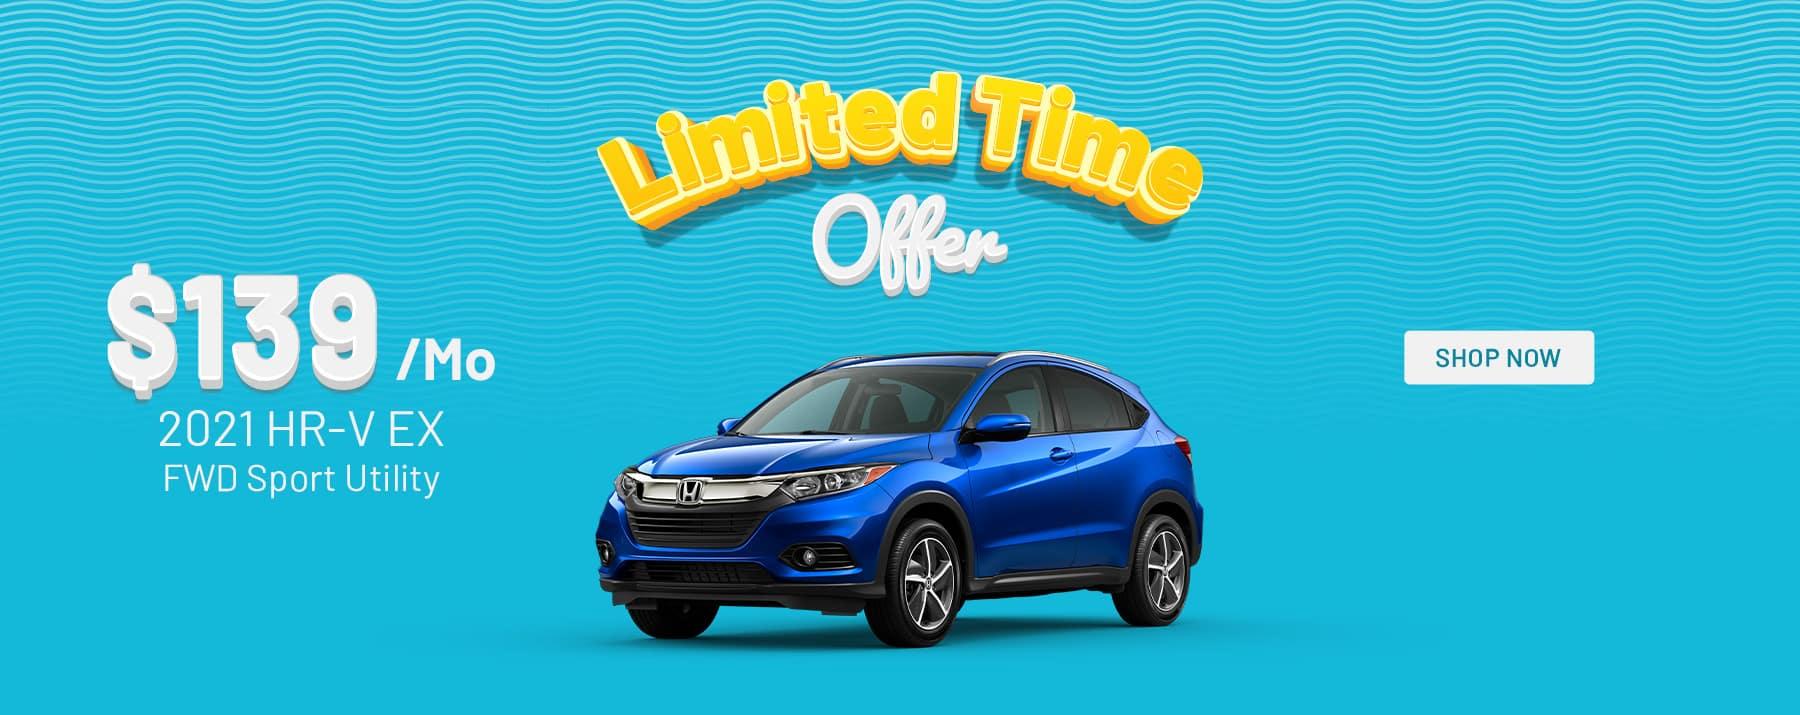 2021 Honda HRV Special